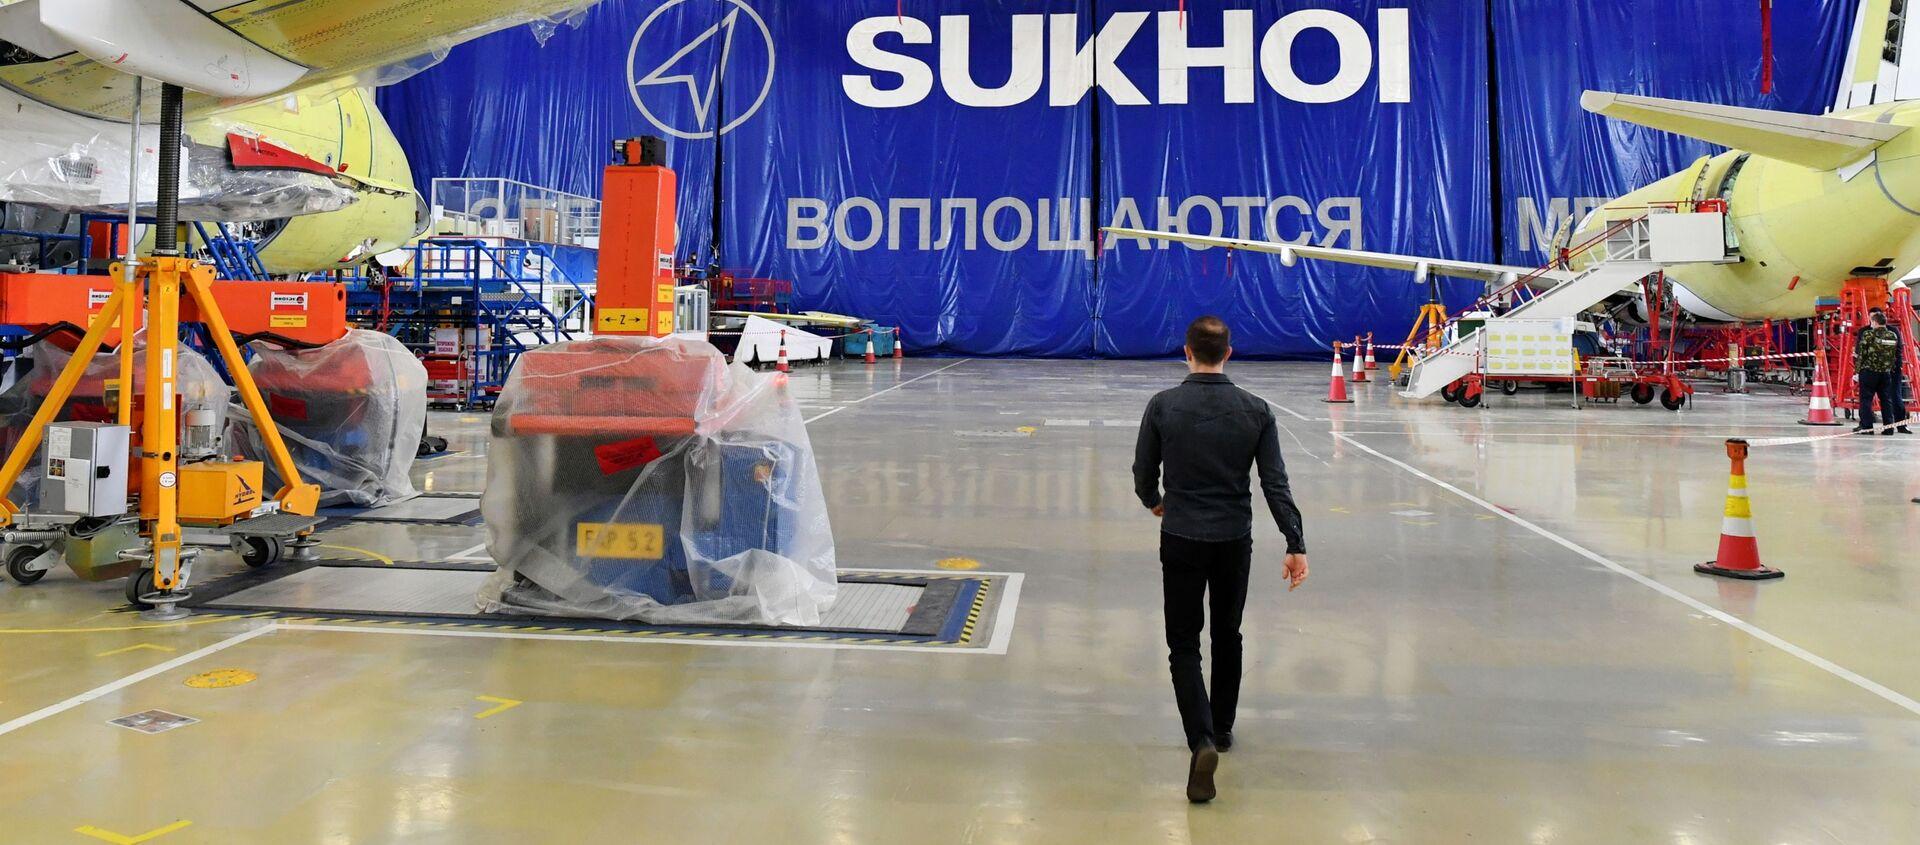 Máy bay Sukhoi Superjet 100 trong xưởng lắp ráp cuối cùng của nhà máy chế tạo máy bay mang tên Gagarin ở Komsomolsk- trên-sông Amur - Sputnik Việt Nam, 1920, 18.03.2021